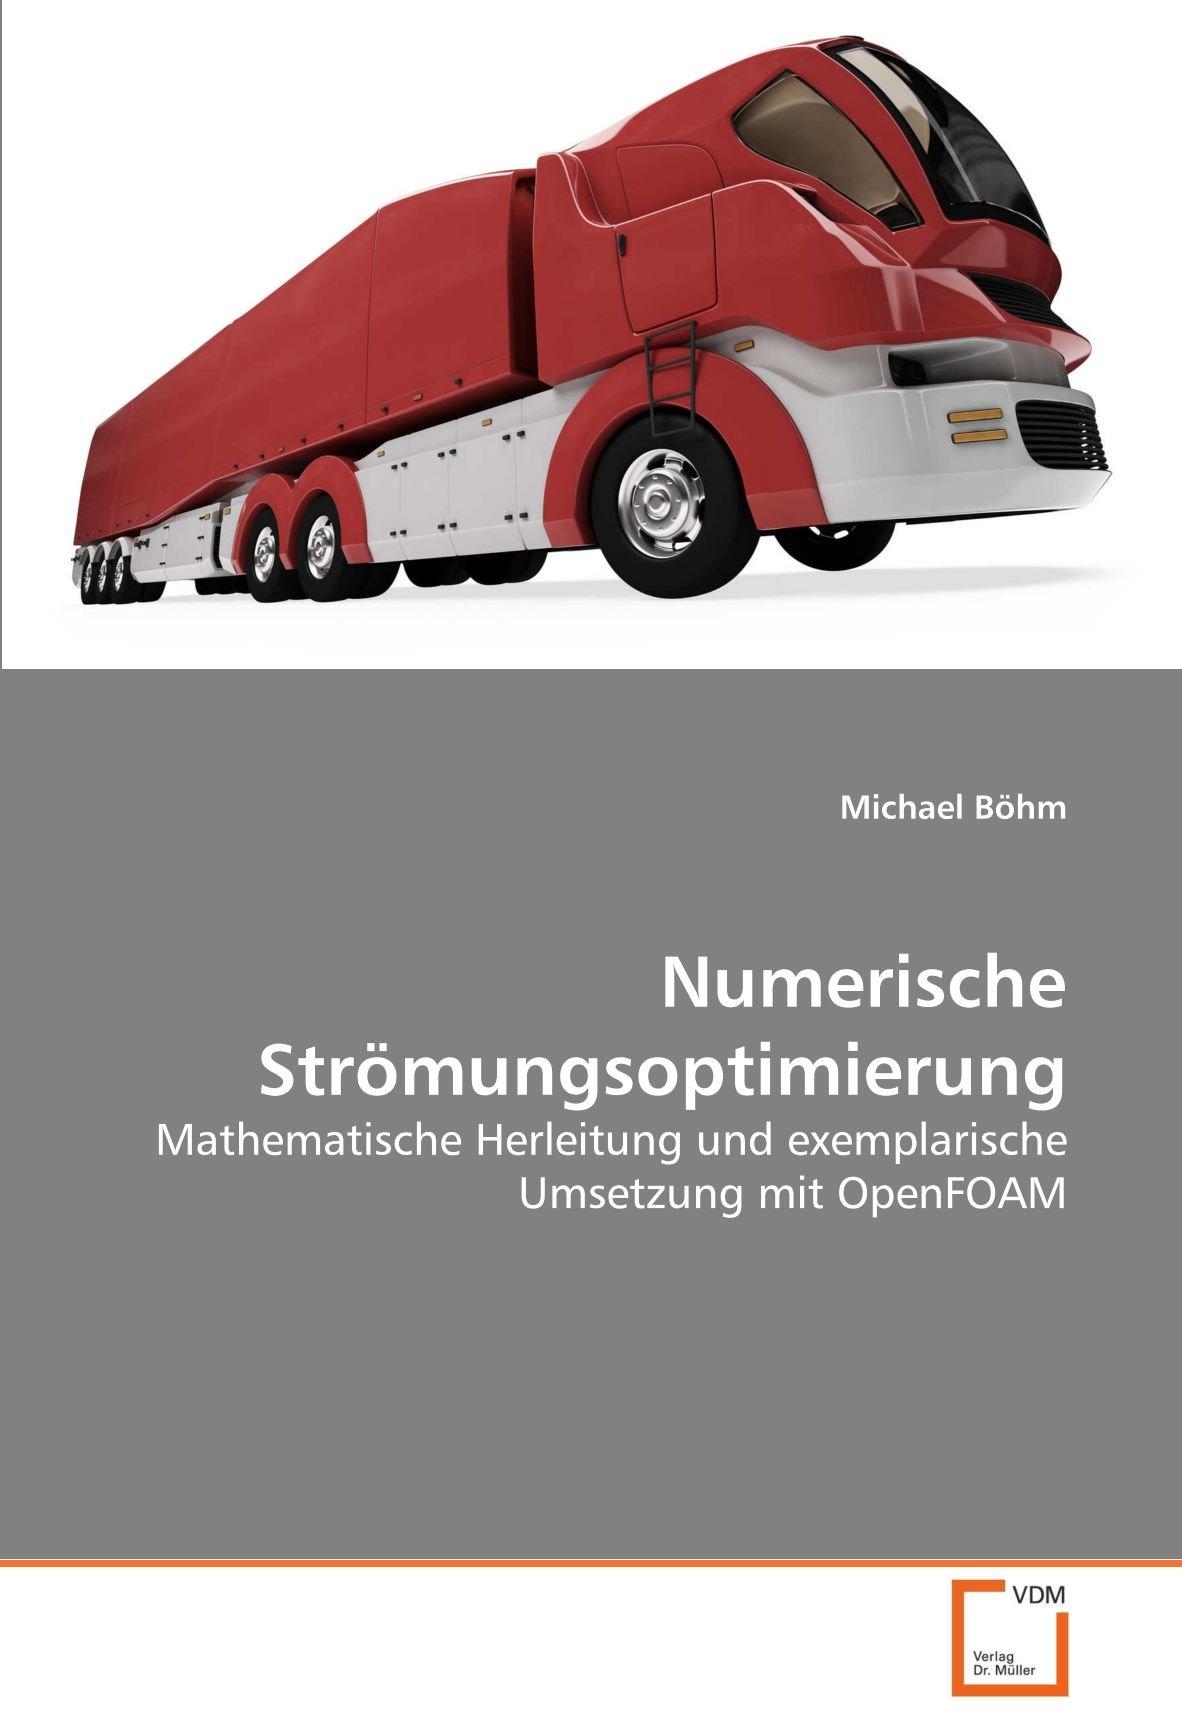 Numerische Strömungsoptimierung: Mathematische Herleitung und exemplarische Umsetzung mit OpenFOAM (German Edition) ebook